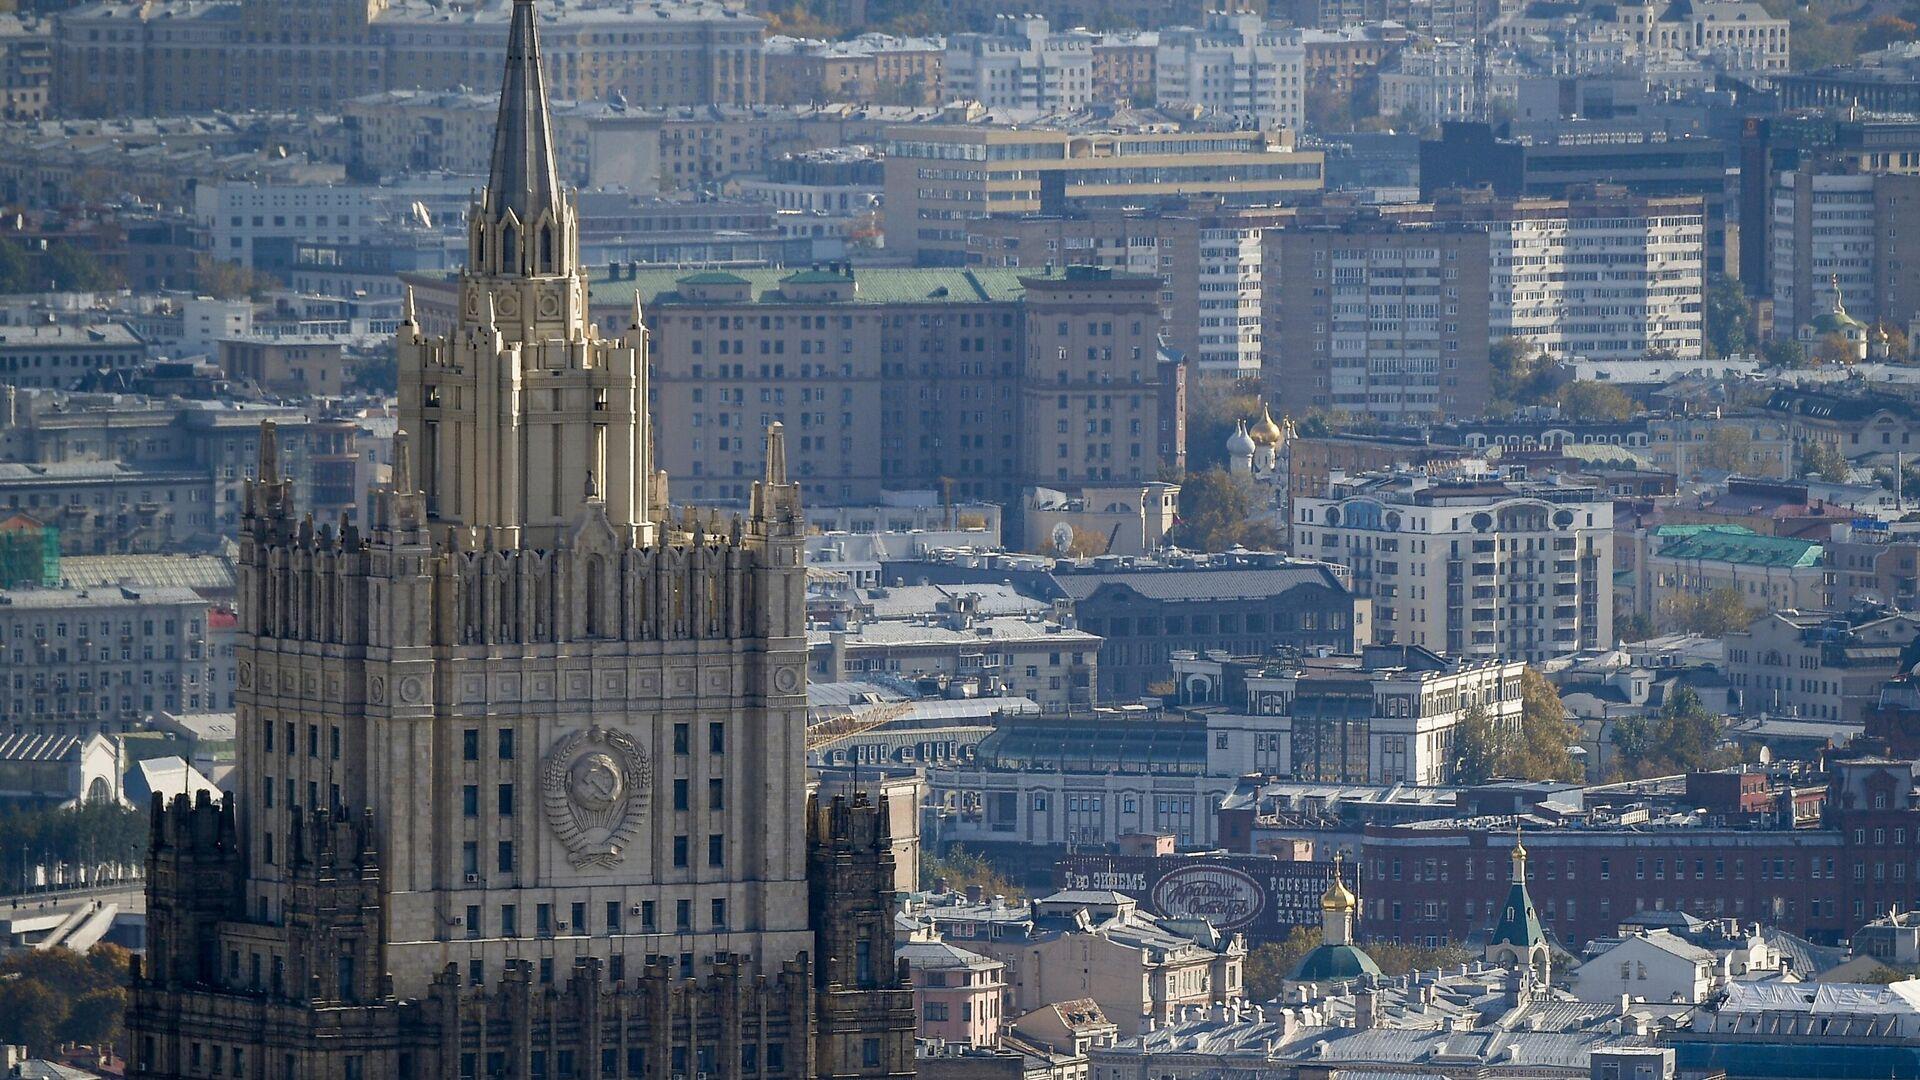 Вид на здание Министерства иностранных дел РФ  - Sputnik Тоҷикистон, 1920, 04.10.2021